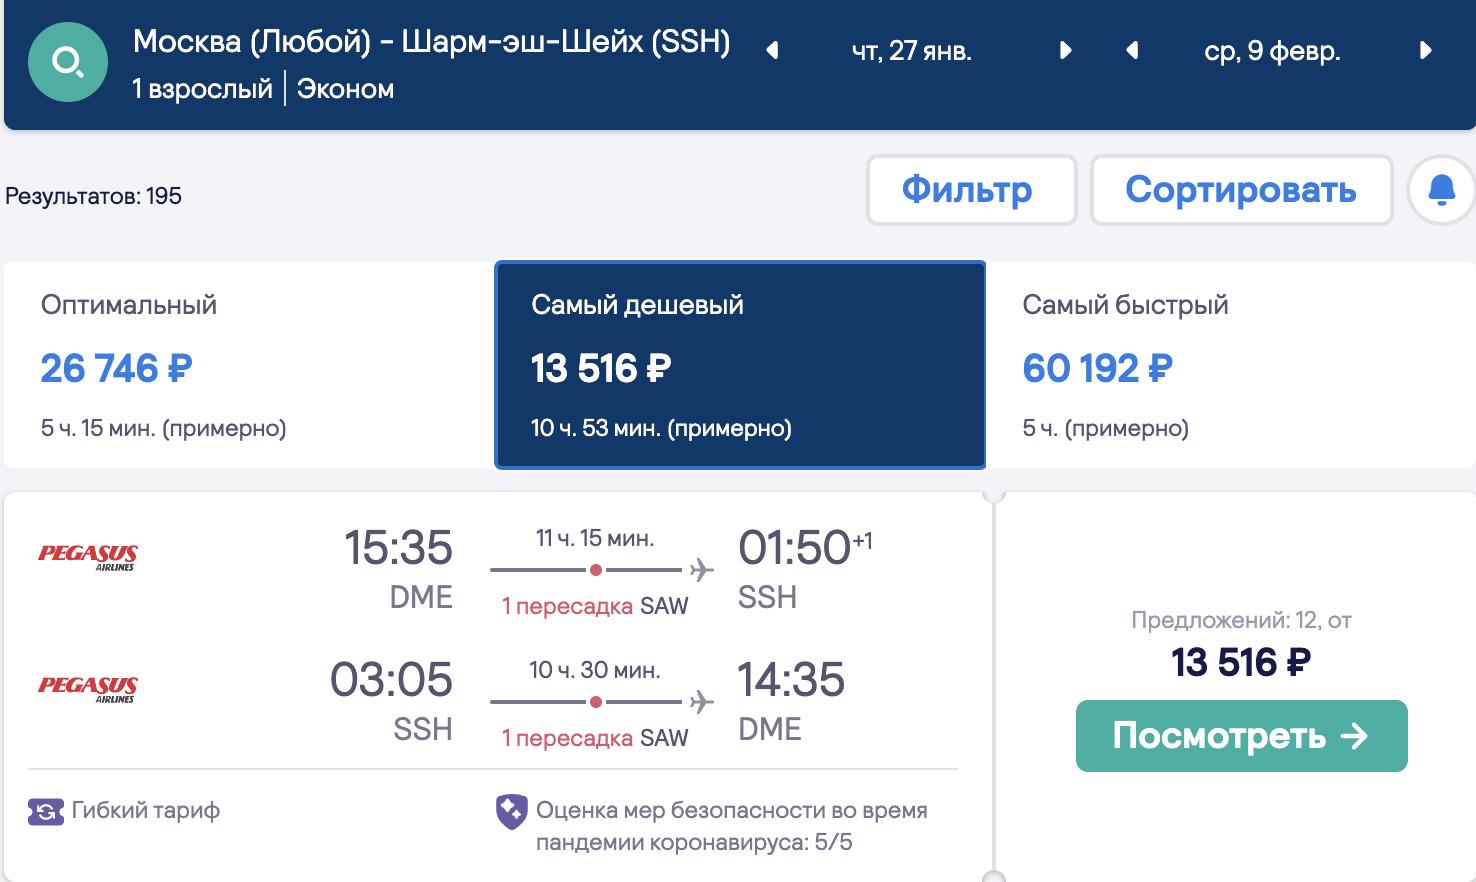 Актуально! Из Москвы в Шарм-эль-Шейх за 13500₽ туда-обратно. Дешевые билеты Pegasus в январе и феврале